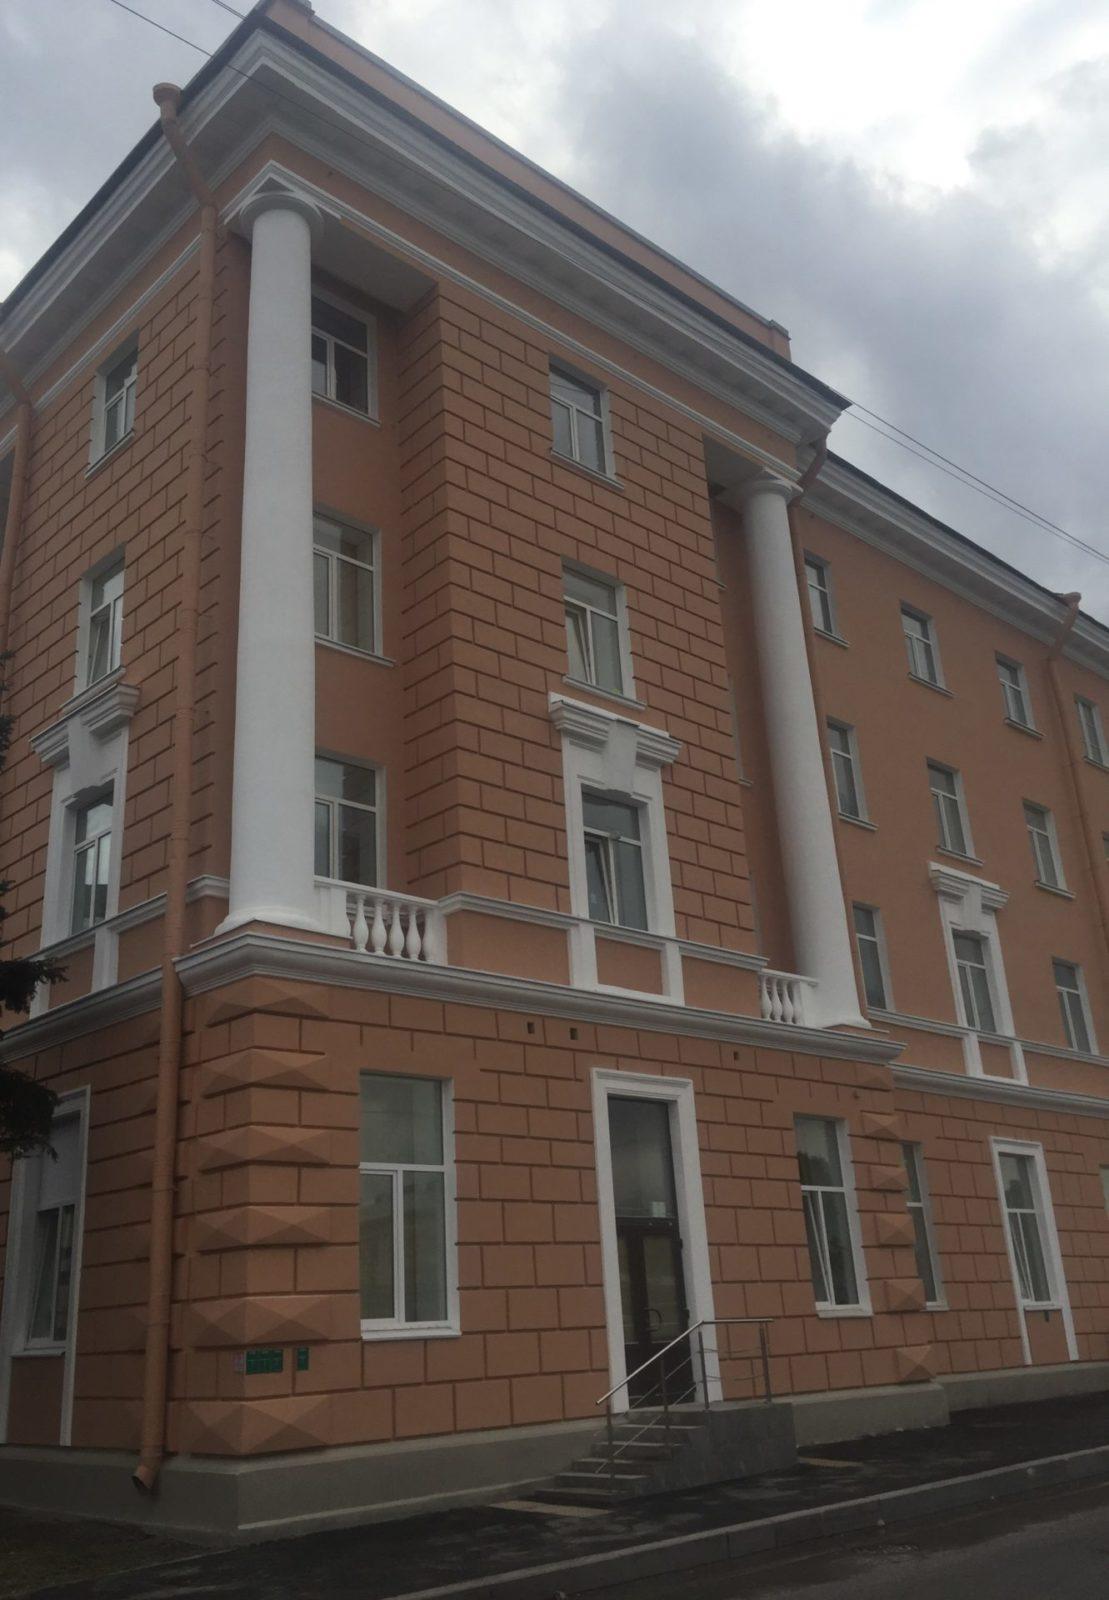 Проведен качественный ремонт фасада в короткие сроки на ул. Набережная Обводного канала, д.14 в СПб